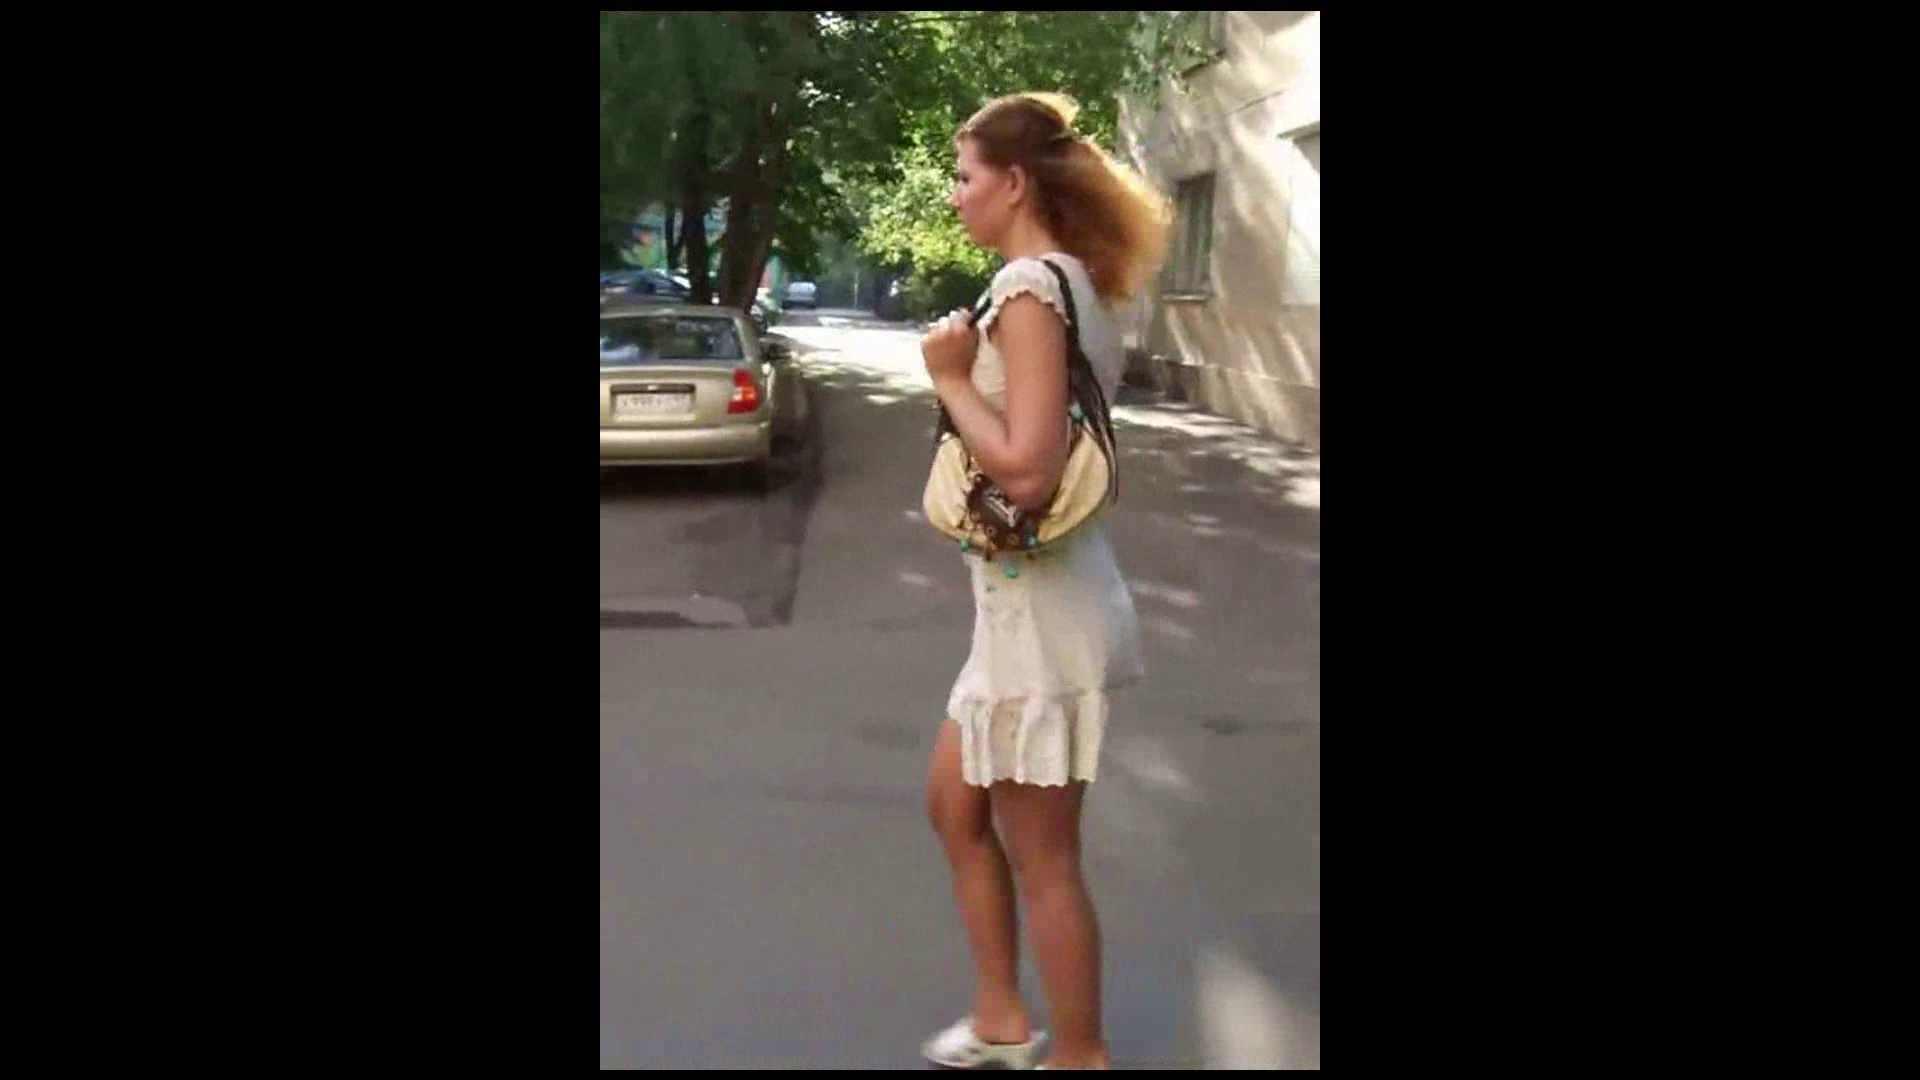 綺麗なモデルさんのスカート捲っちゃおう‼vol03 お姉さん   0  110画像 74